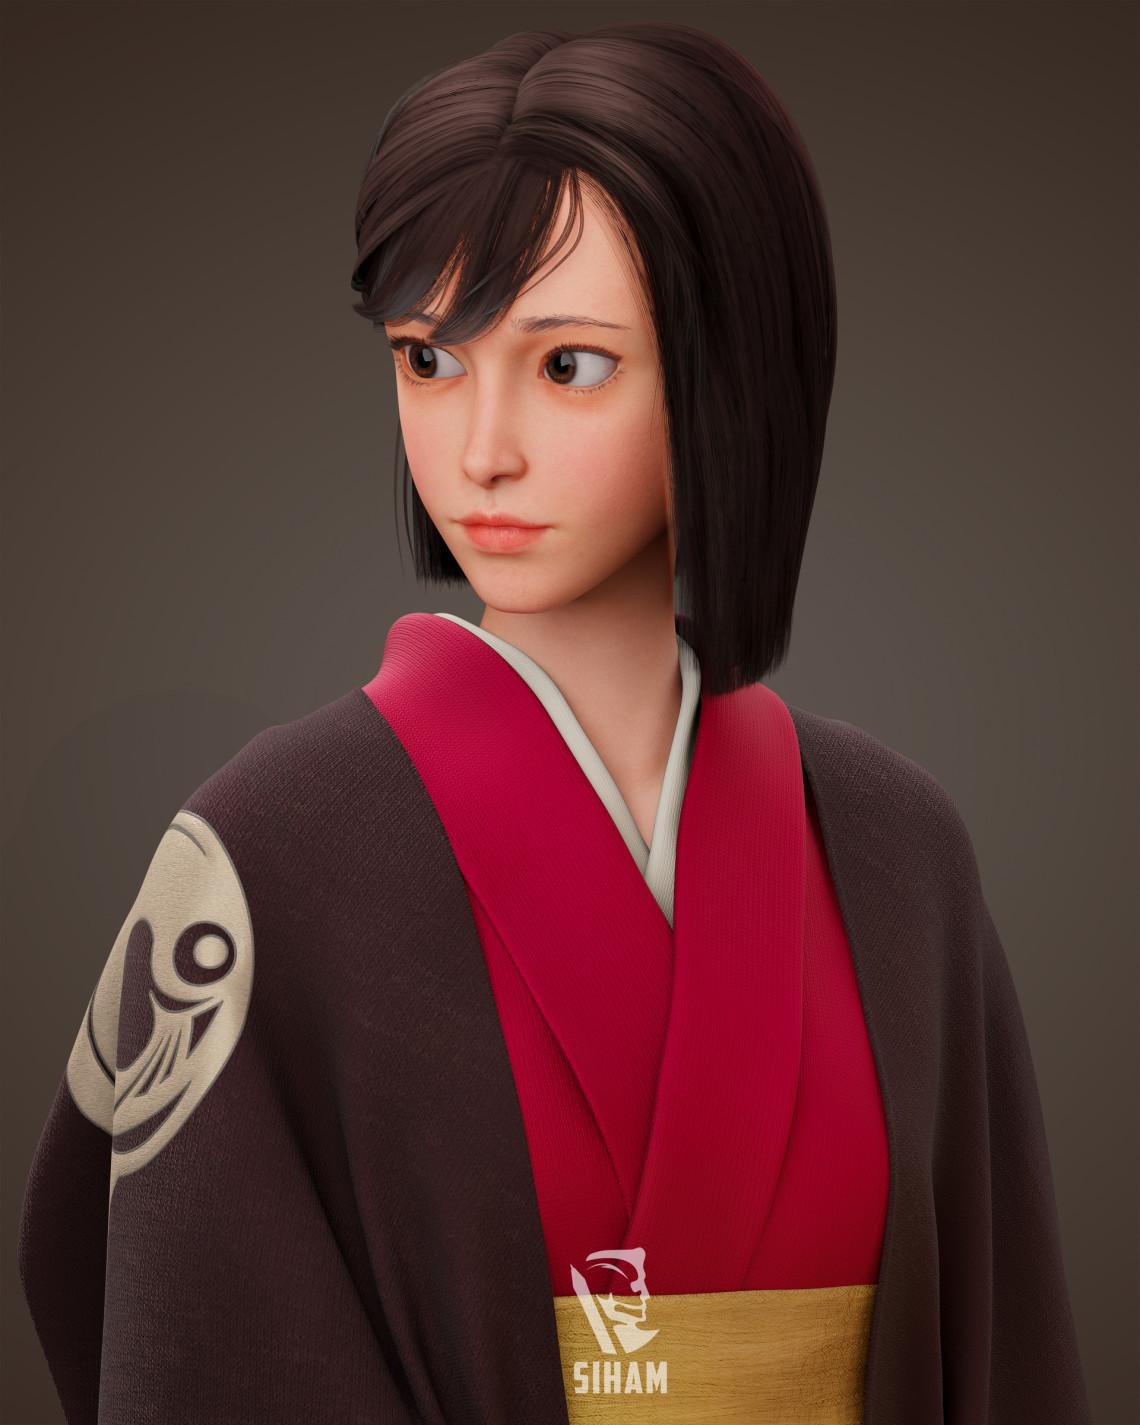 中国女孩角色设计   设计师:Sihammohsin